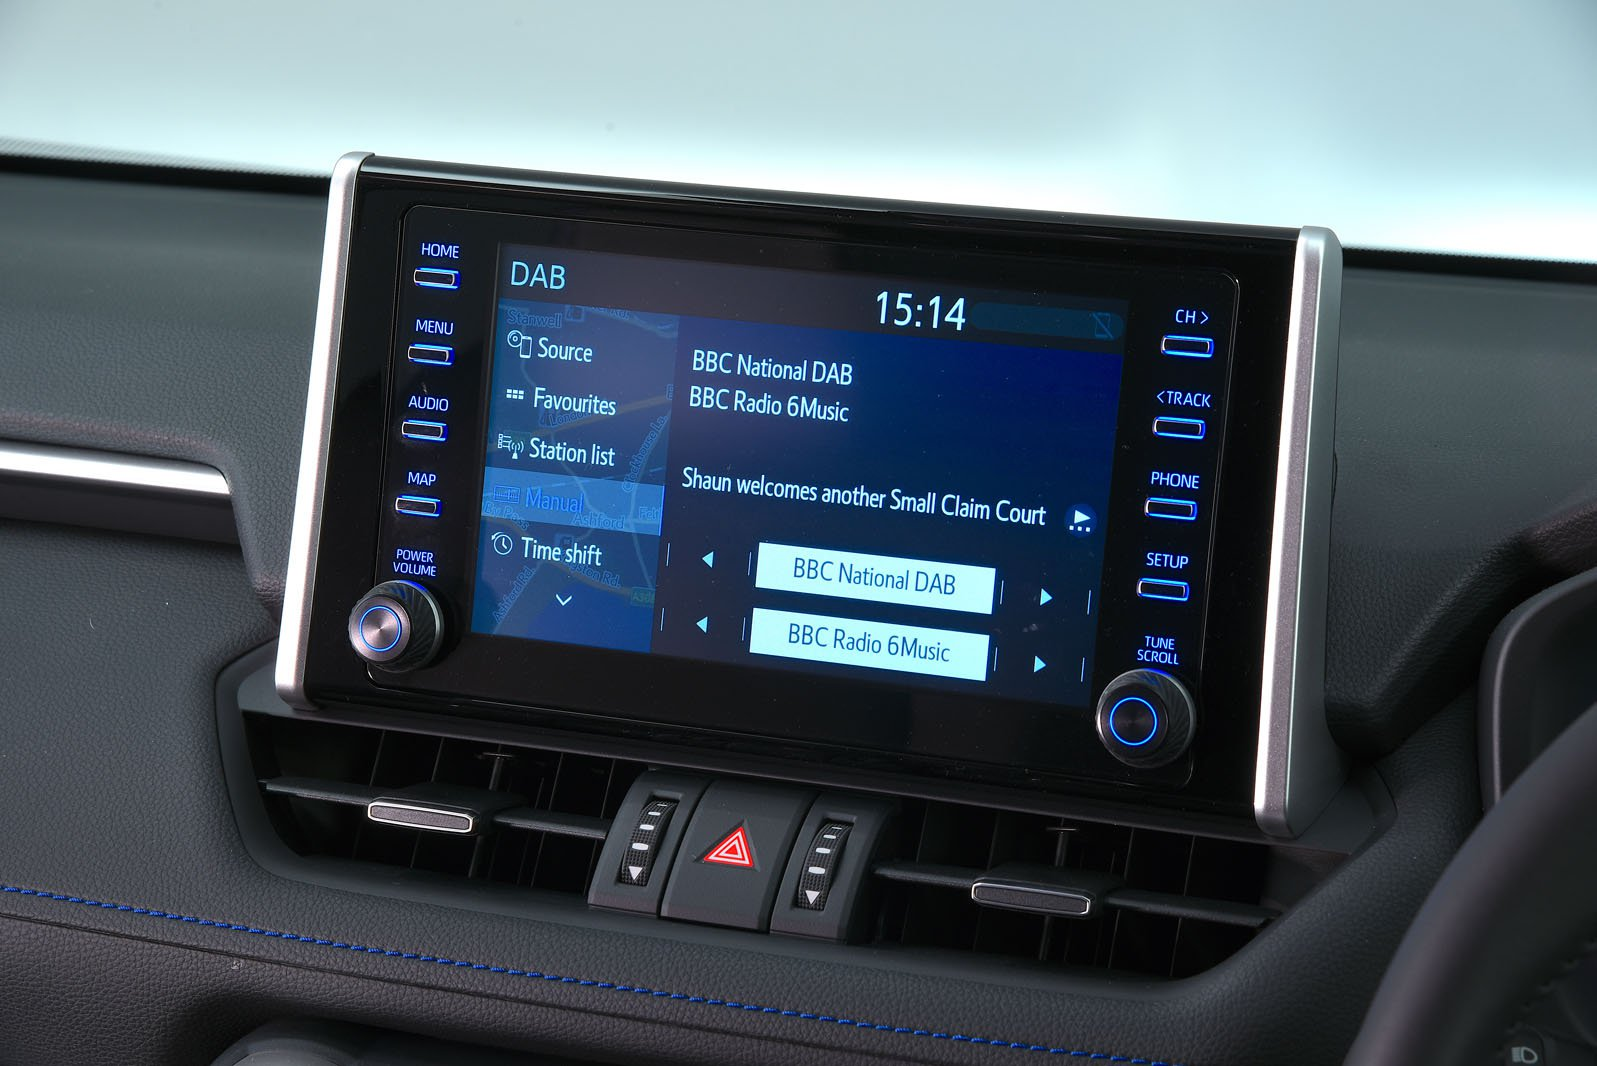 Toyota RAV4 2021 infotainment